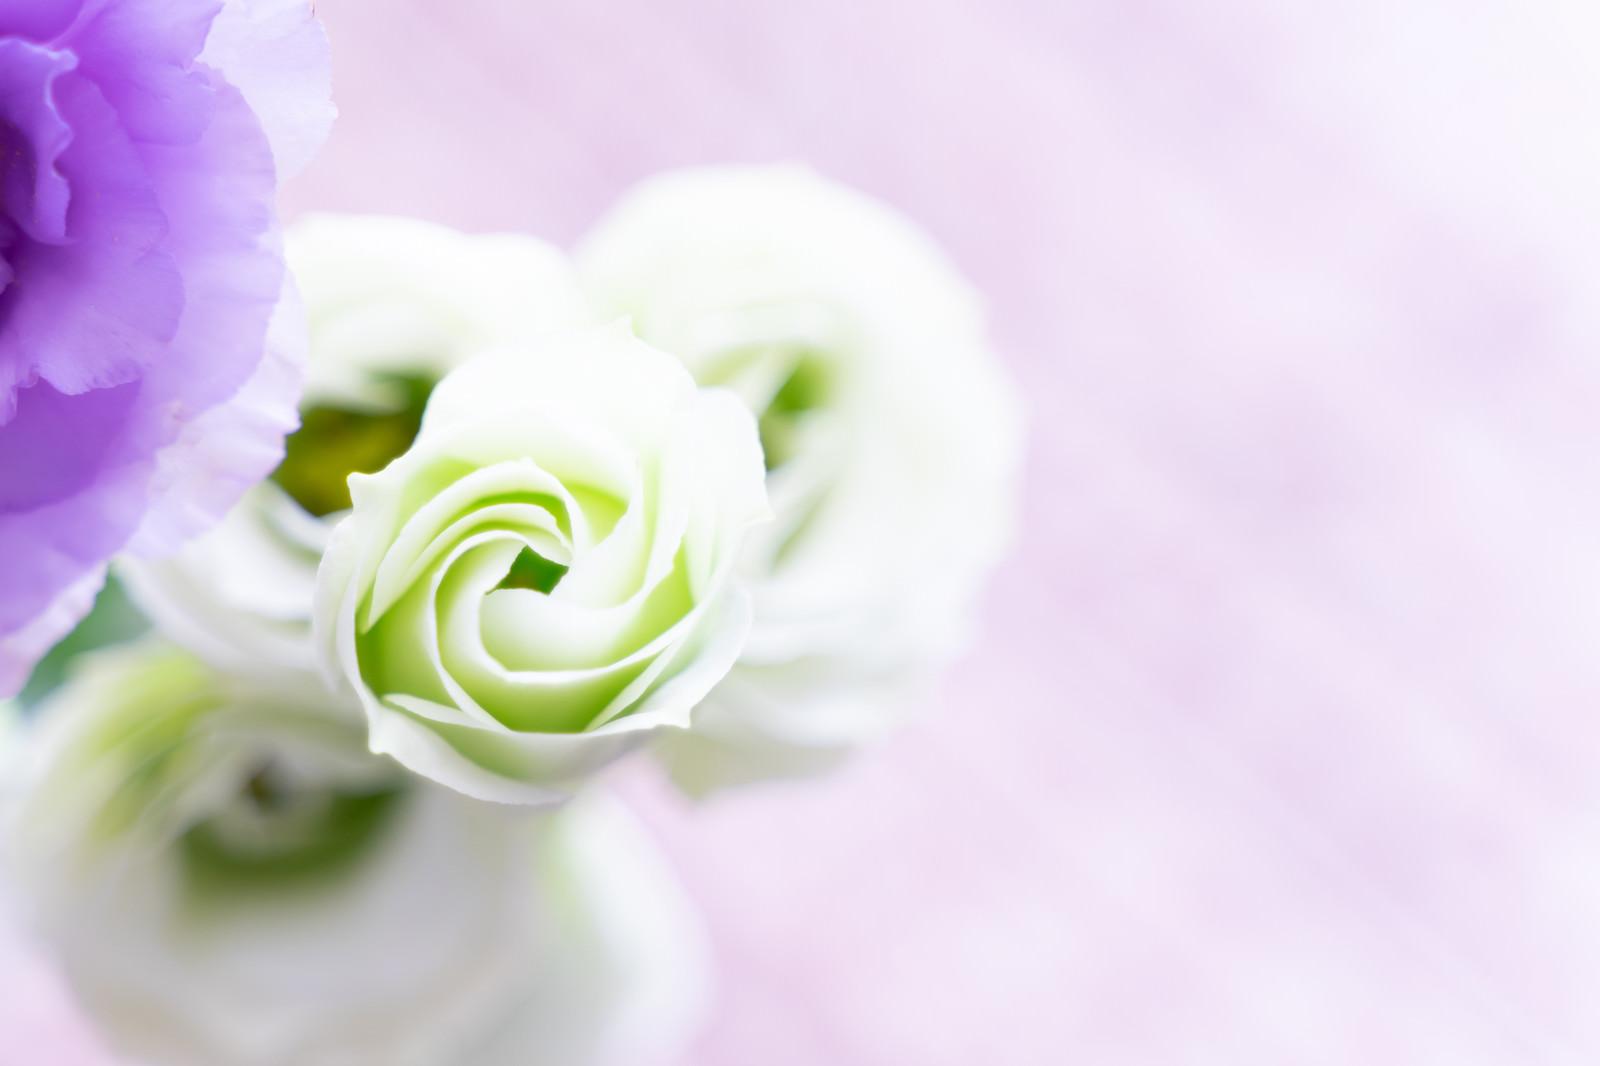 「白いガーデンローズ」の写真